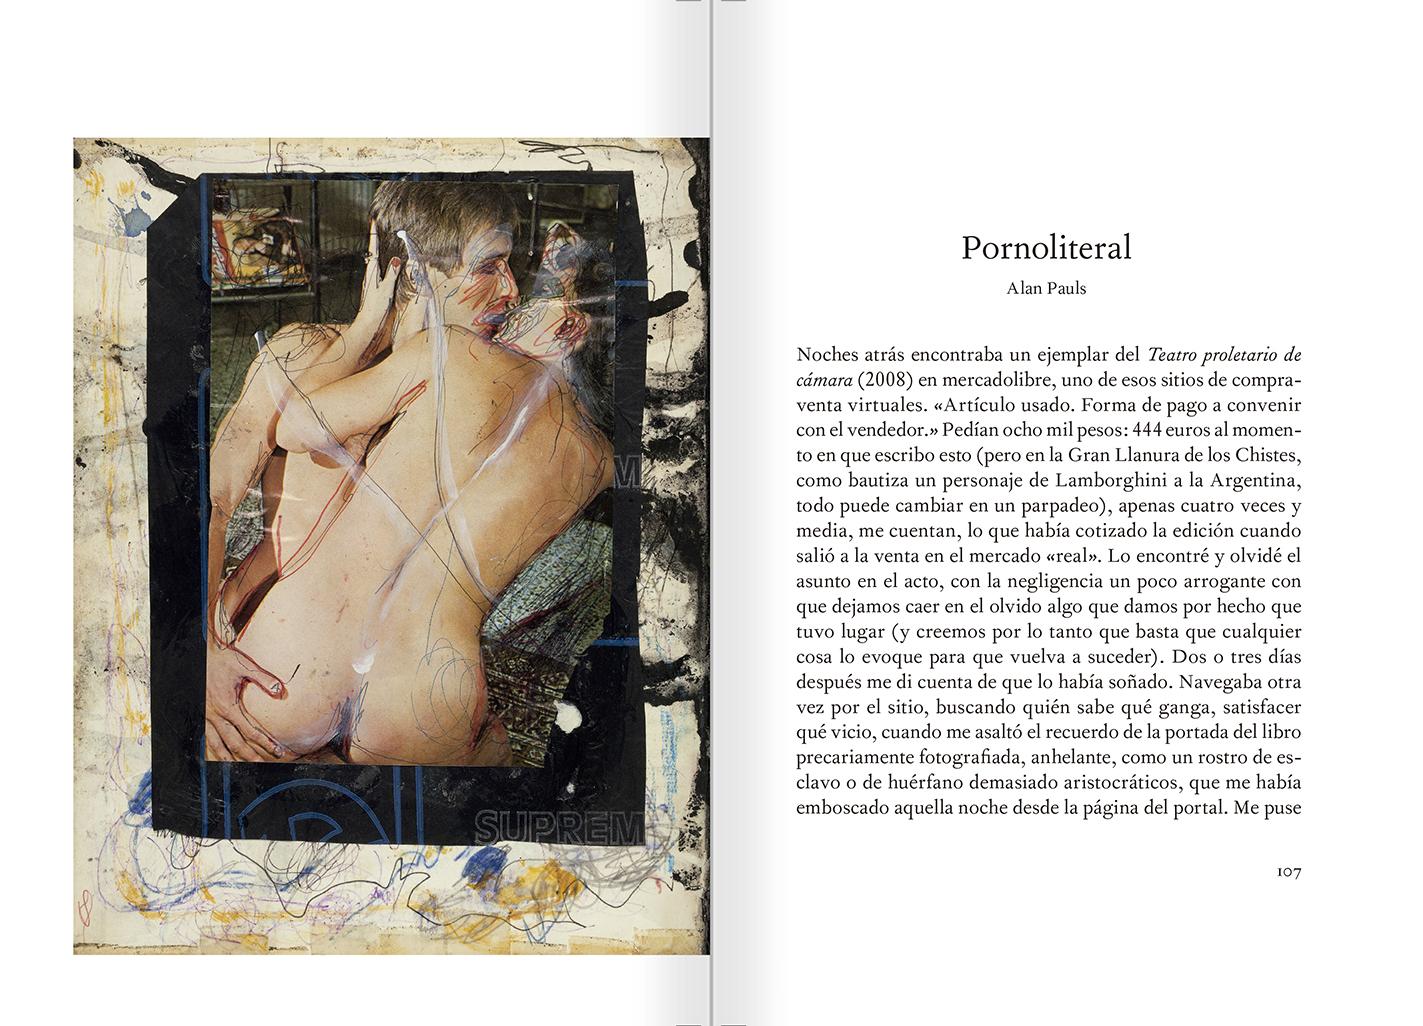 """Selecció del catàleg """"El sexo que habla. Osvaldo Lamborghini"""" pàgines 106 i 107"""